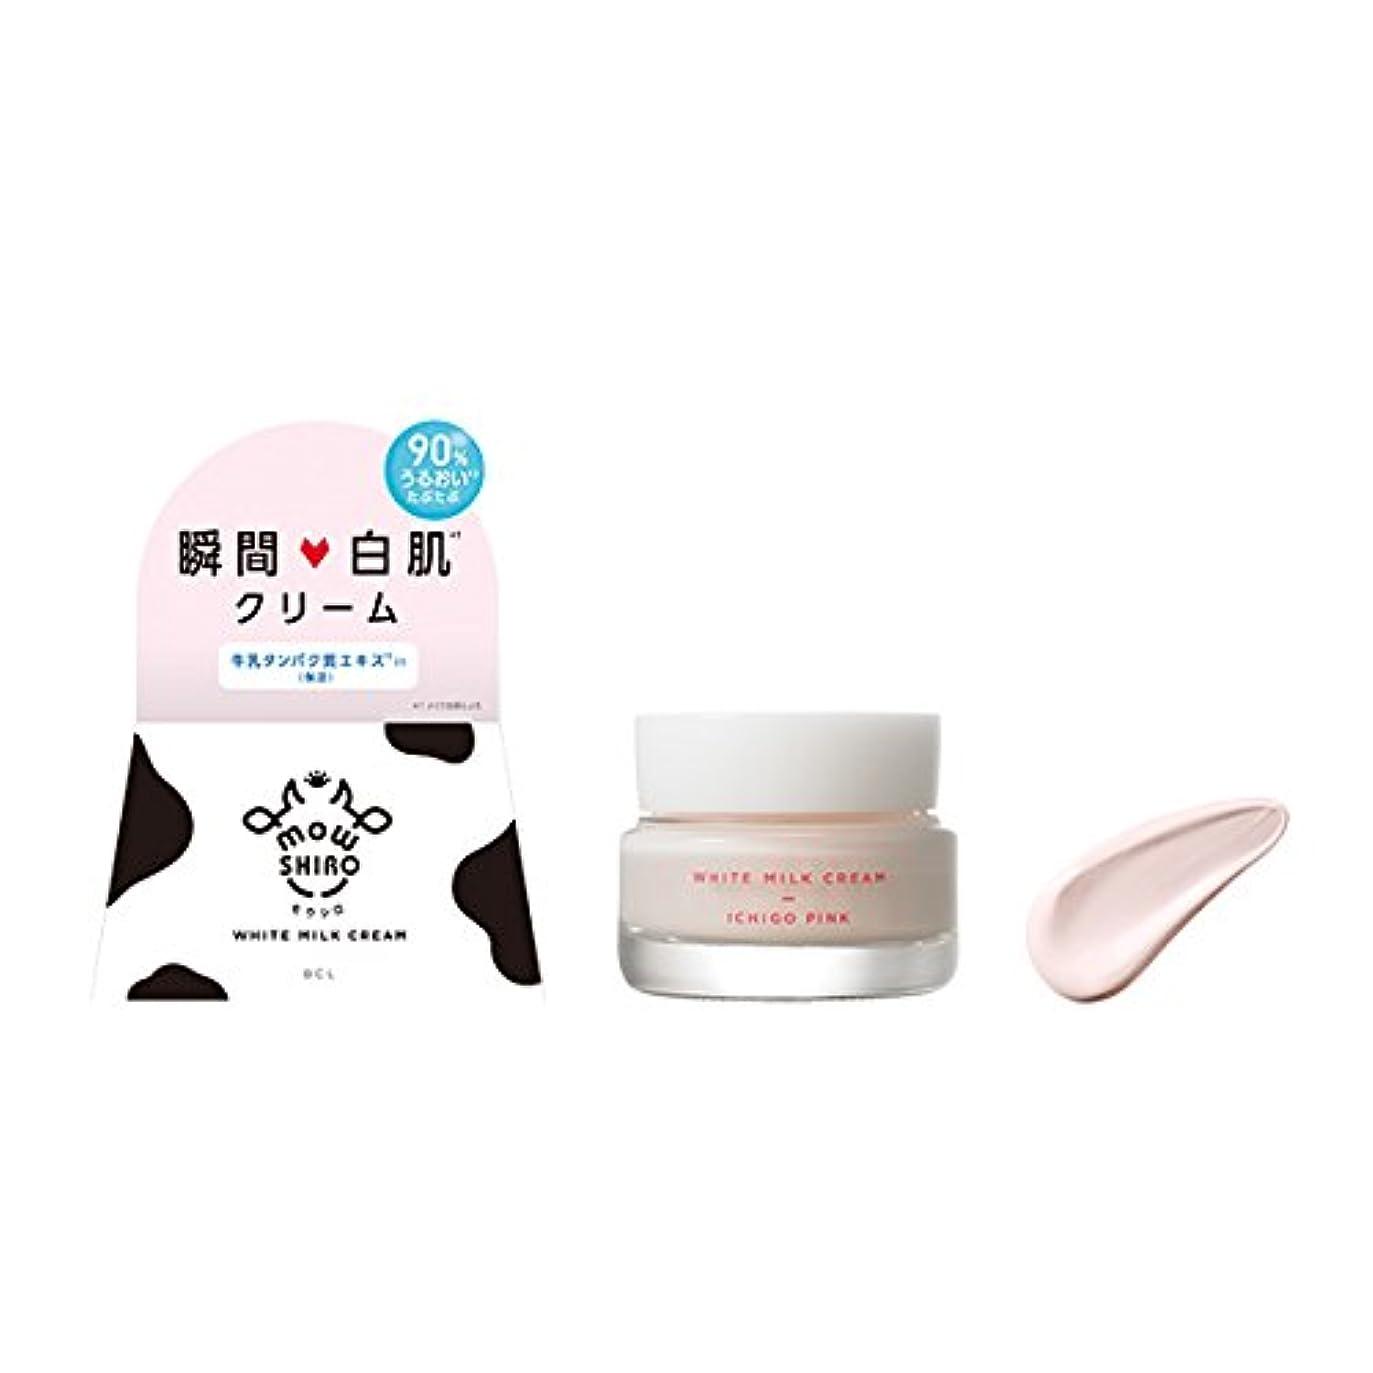 解明する契約セッション【モウシロ】 トーンアップクリーム(いちごピンク)